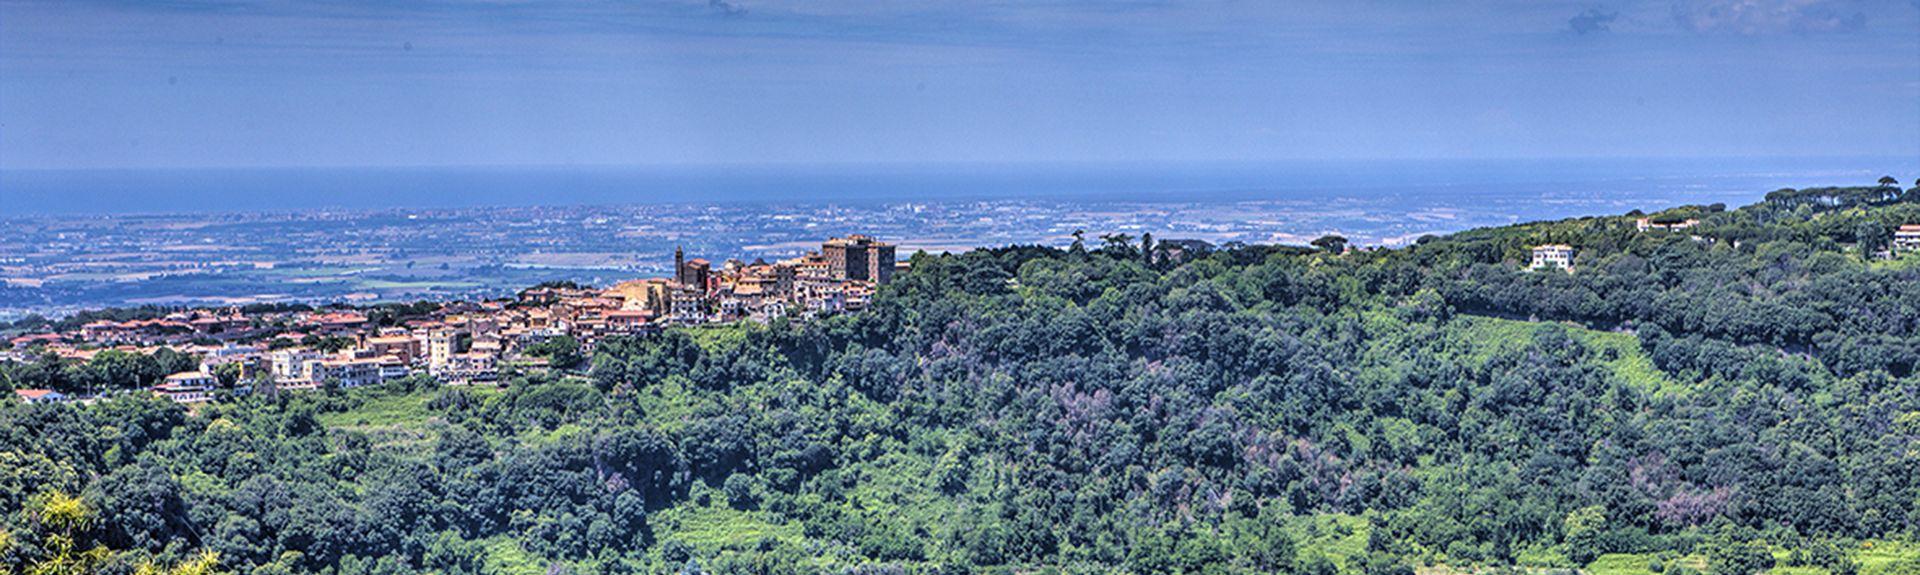 Valmontone, Latium, Italie